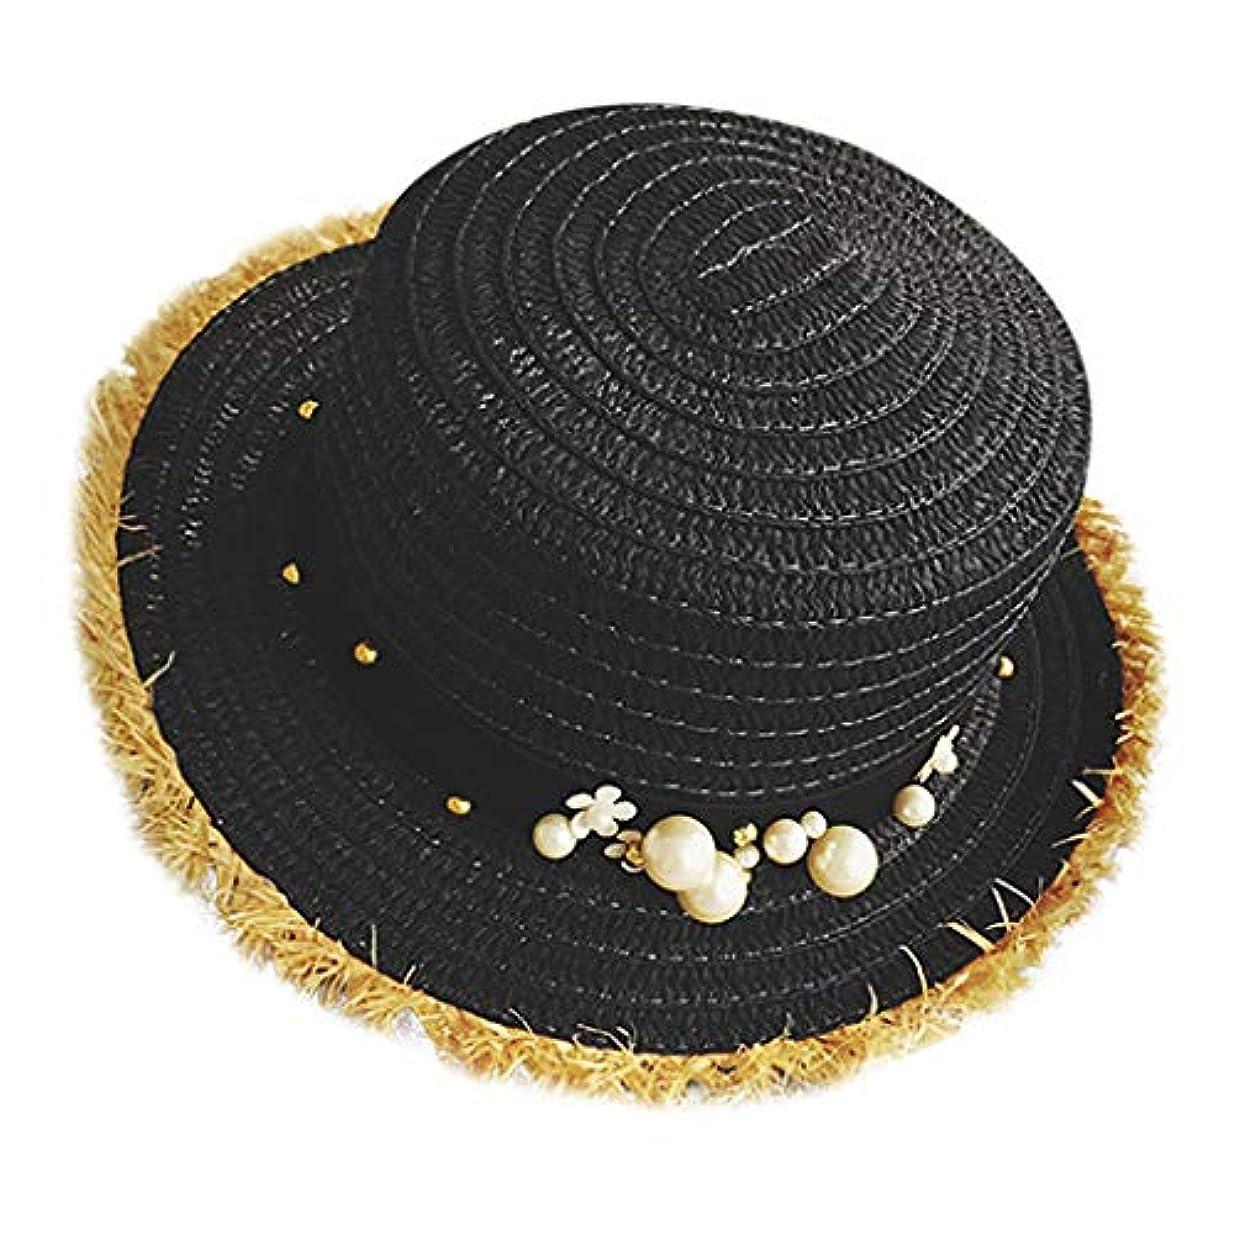 心から整然とした特異な帽子 レディース UVカット 帽子 麦わら帽子 UV帽子 紫外線対策 通気性 漁師の帽子 ニット帽 マニュアル 真珠 太陽 キャップ 余暇 休暇 キャップ レディース ハンチング帽 大きいサイズ 発送 ROSE ROMAN